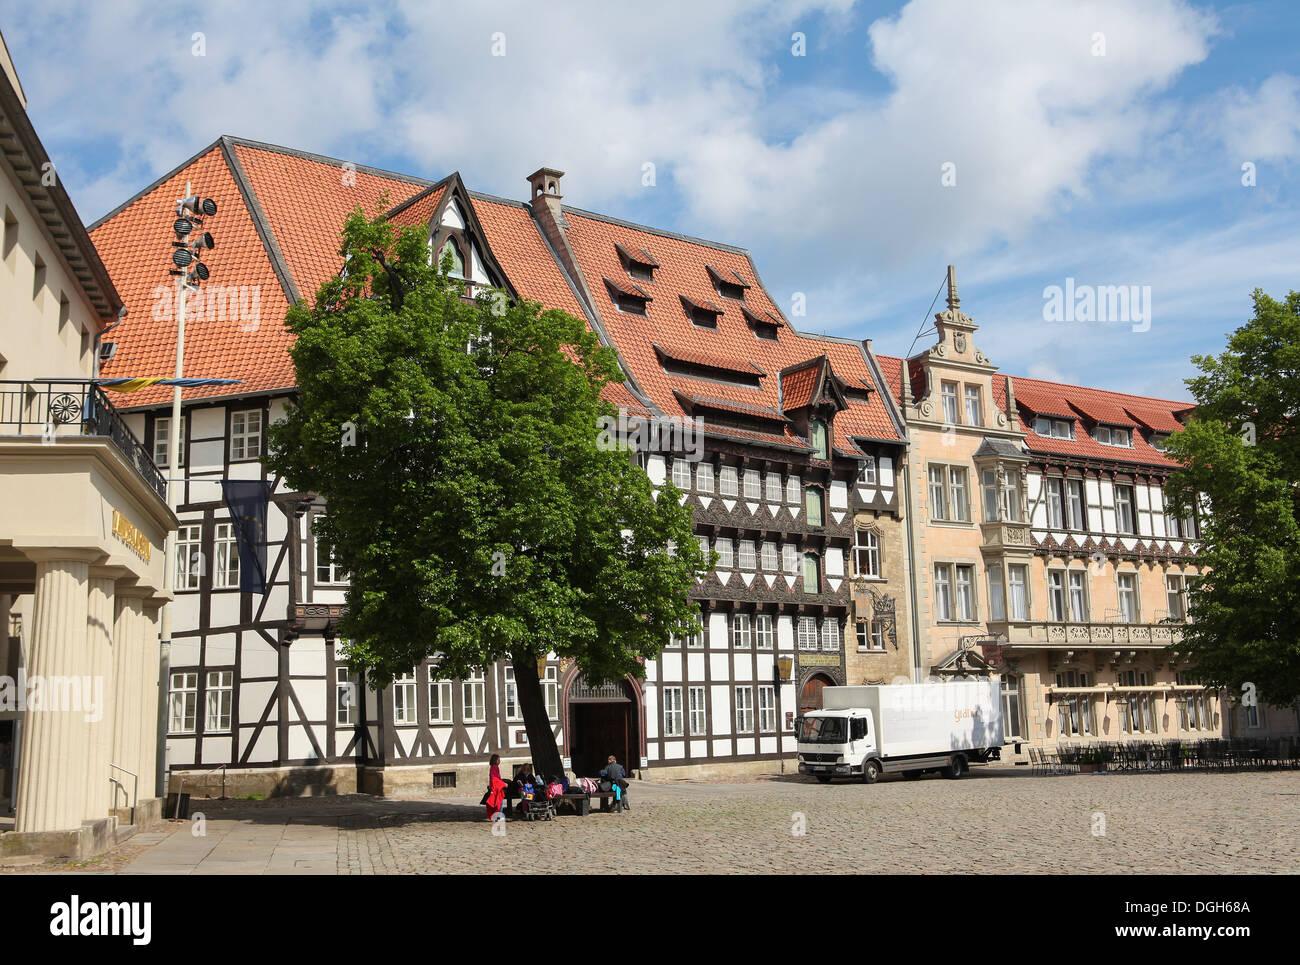 Magniviertel in Braunschweig, Niedersachsen, Deutschland Stockbild